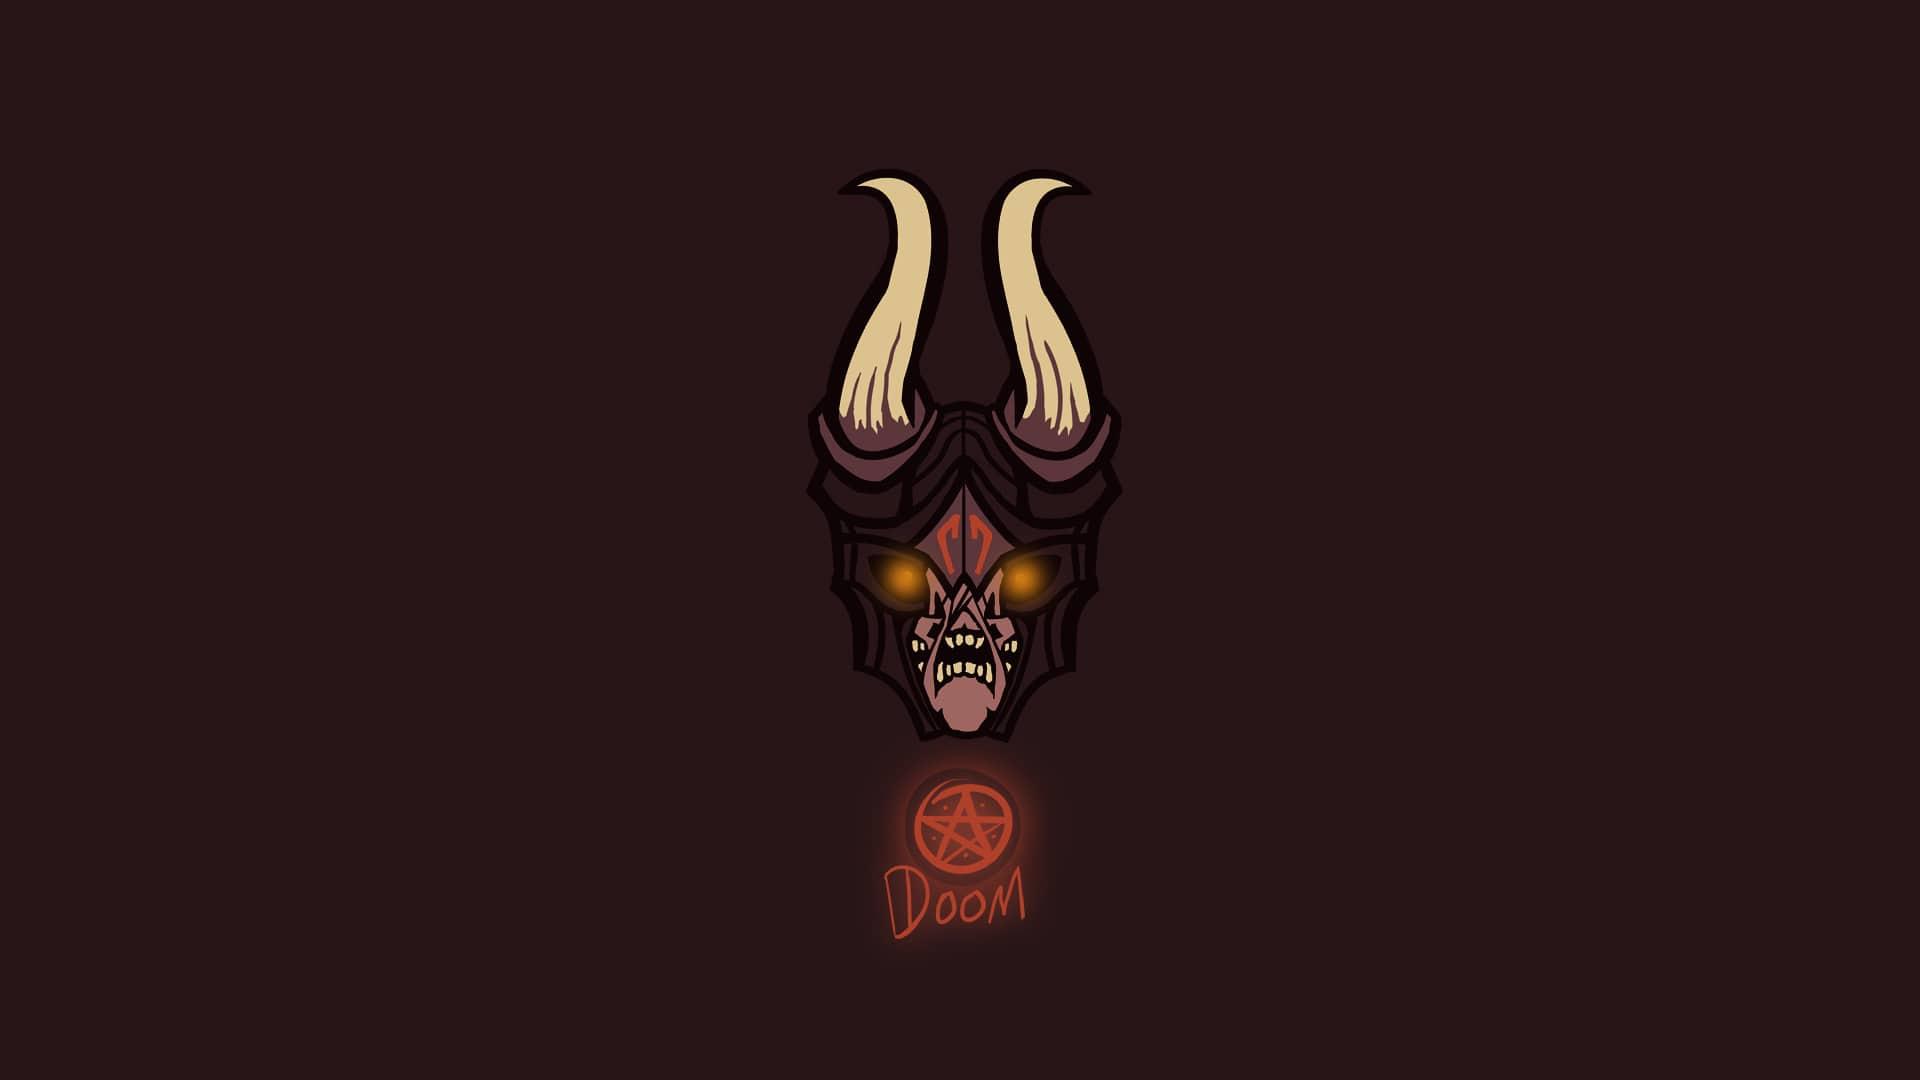 Dota2 : Doom desktop wallpaper